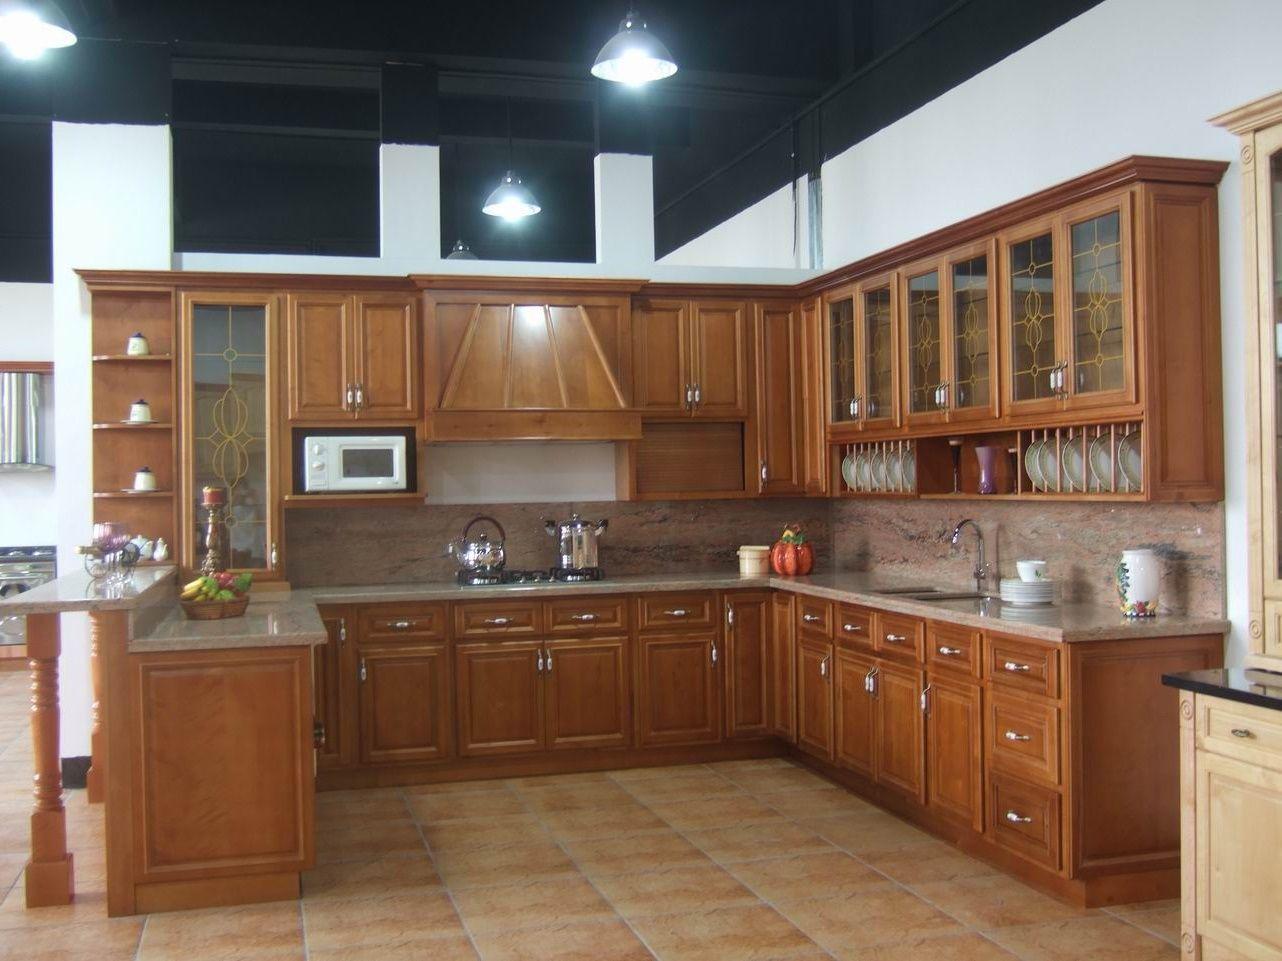 Pintar gabinetes de cocina ideas uk - Mueble Cocina Madera Clasico Jpg 1282 961